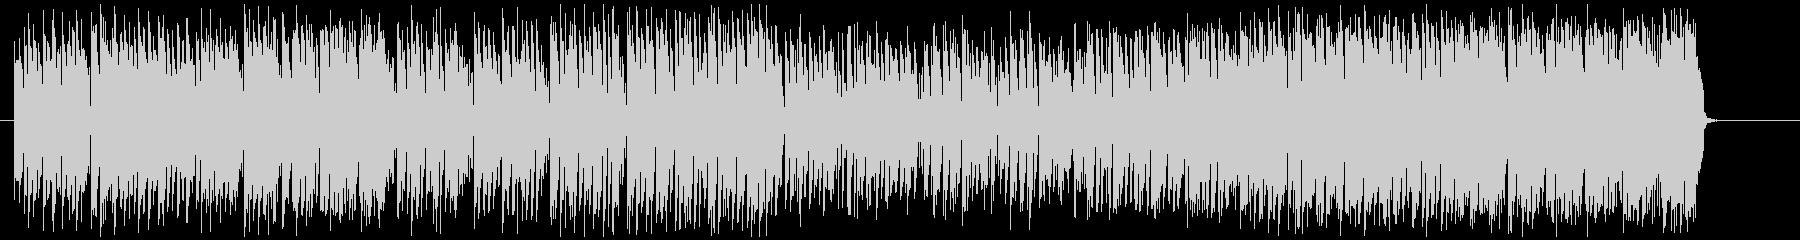 ラテン語でリラクゼーション効果のある曲の未再生の波形